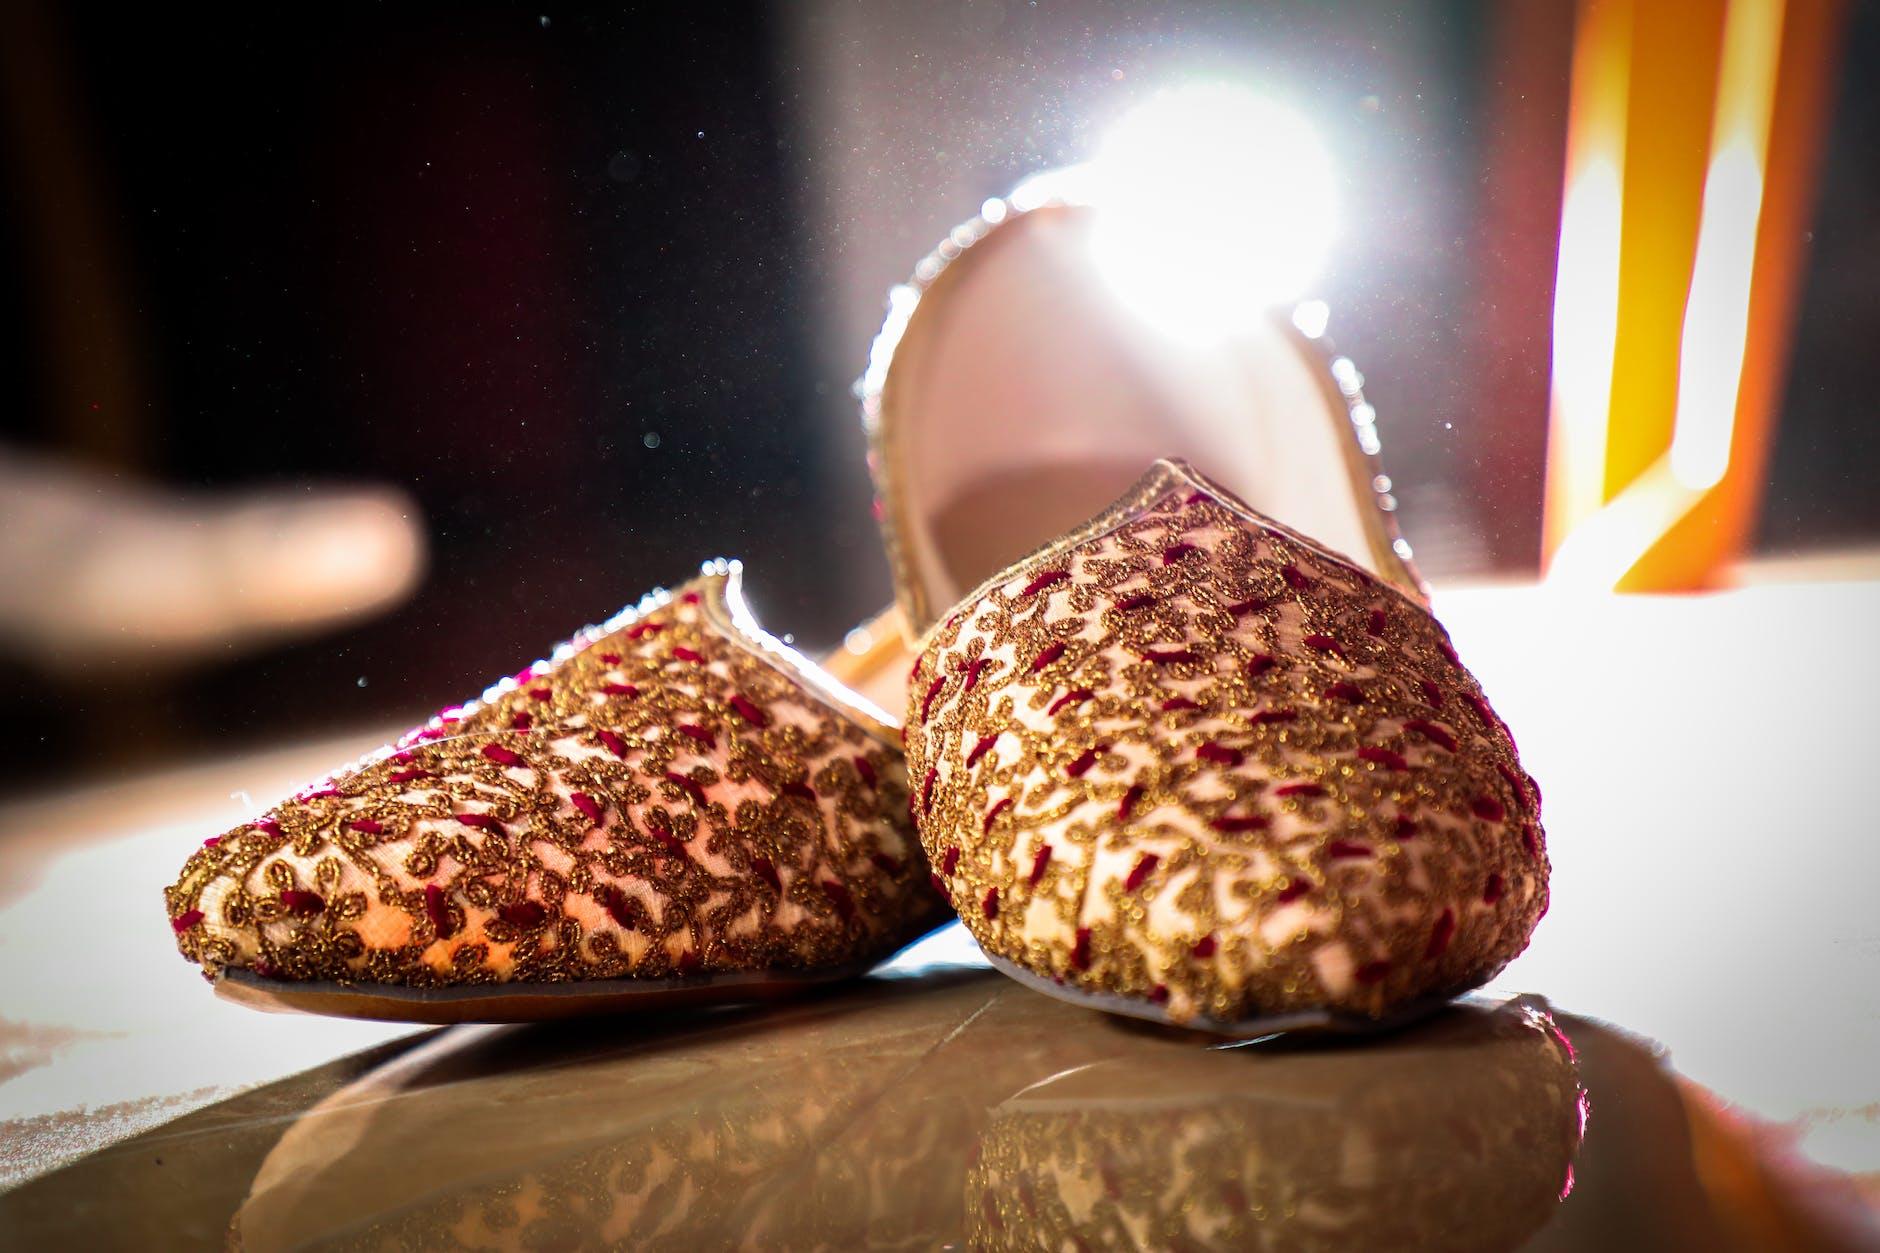 Gold sandal's